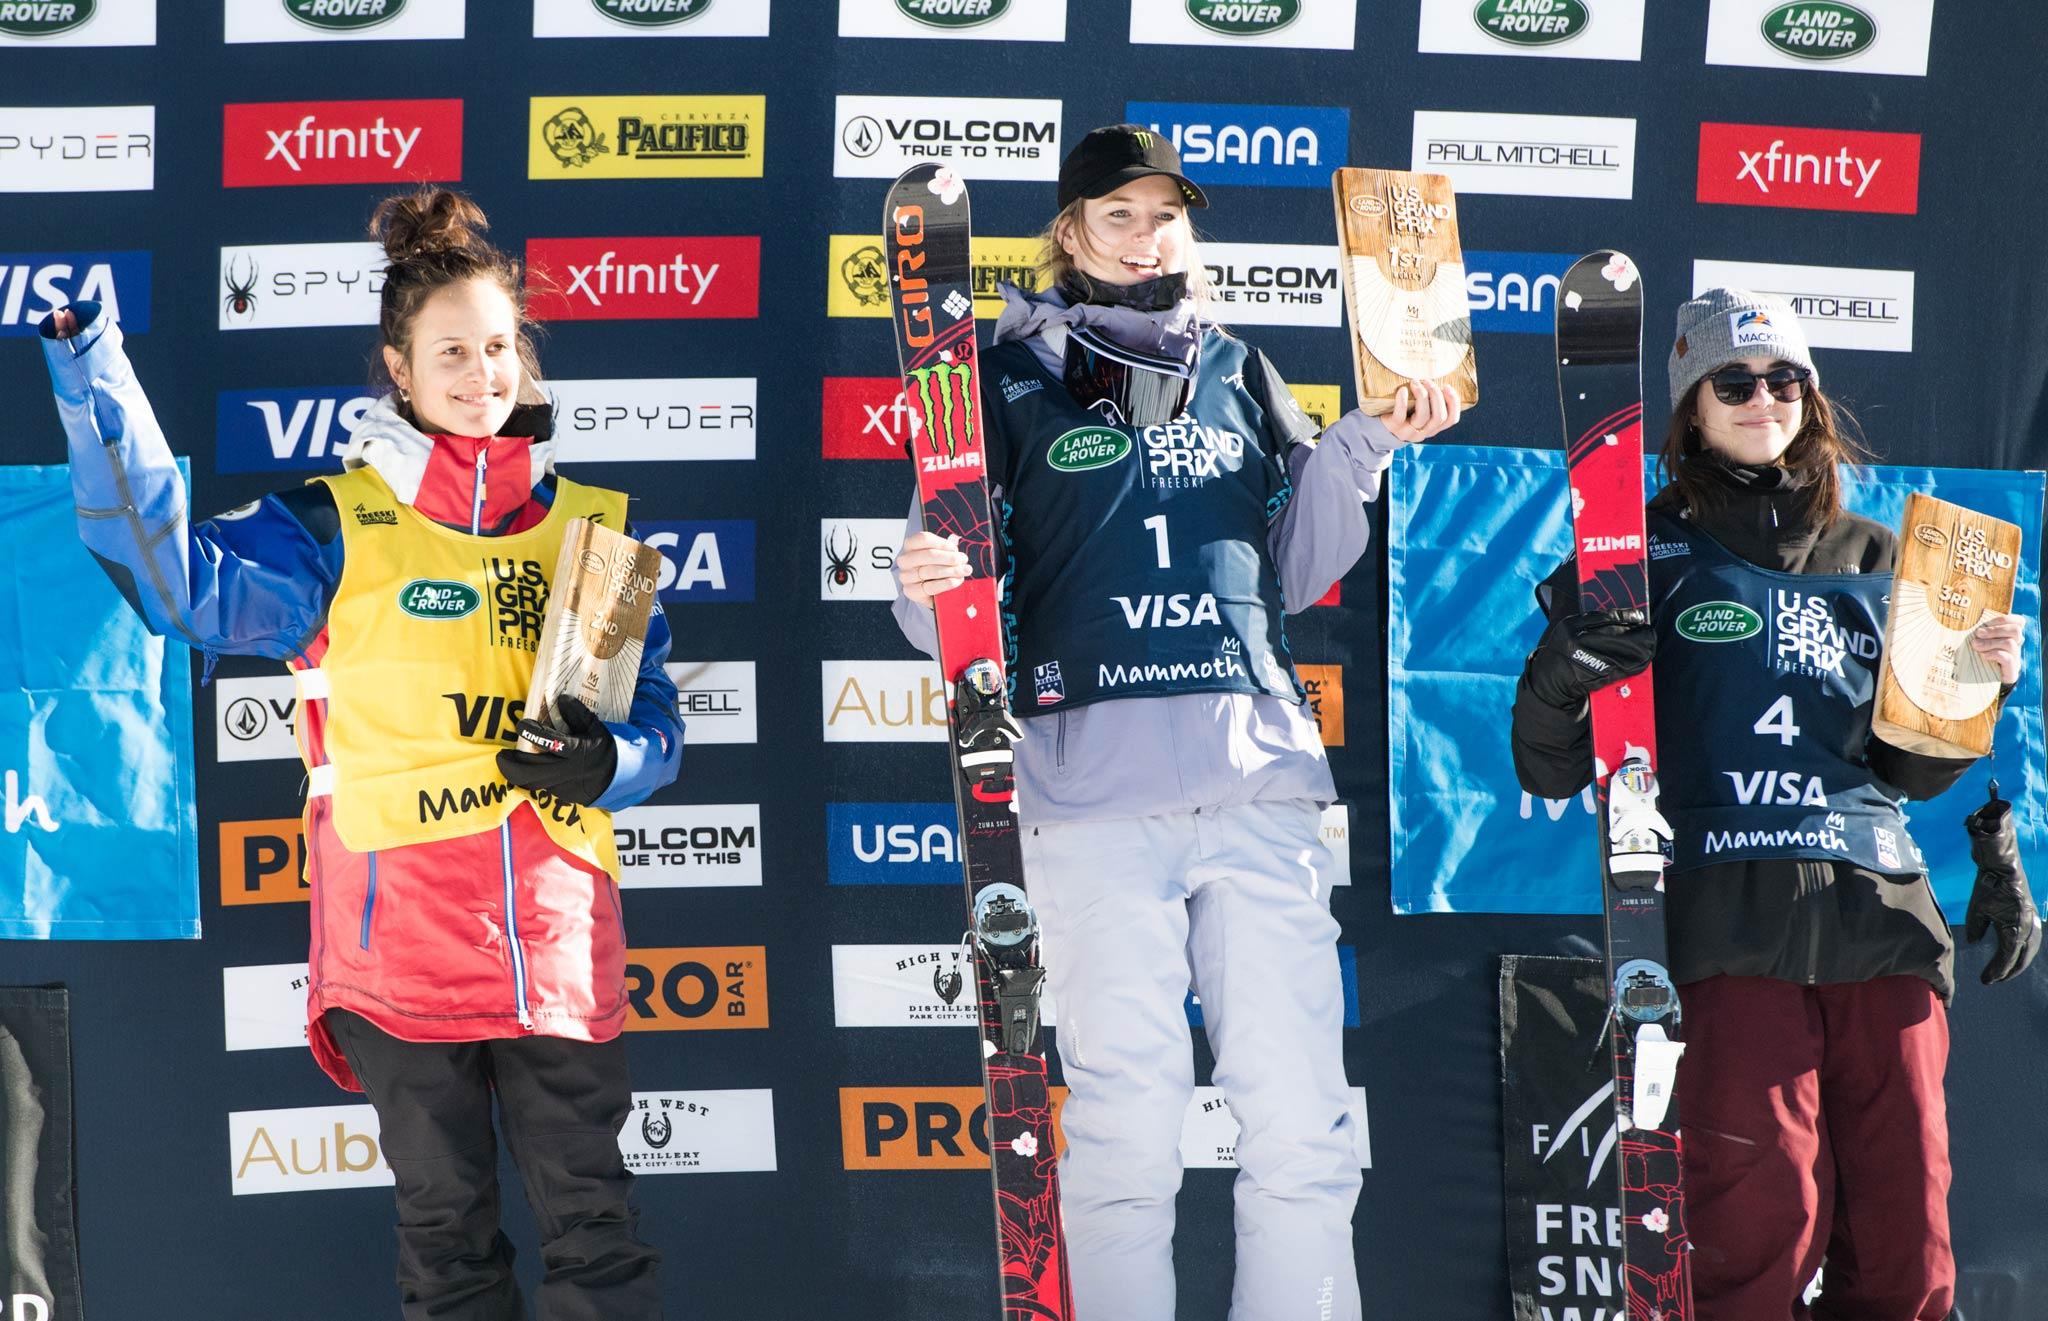 Das Podium der Frauen: Valeriya Demidova (RUS), Cassie Sharpe (CAN), Rachael Karker (CAN) - Foto: FIS Freestyle